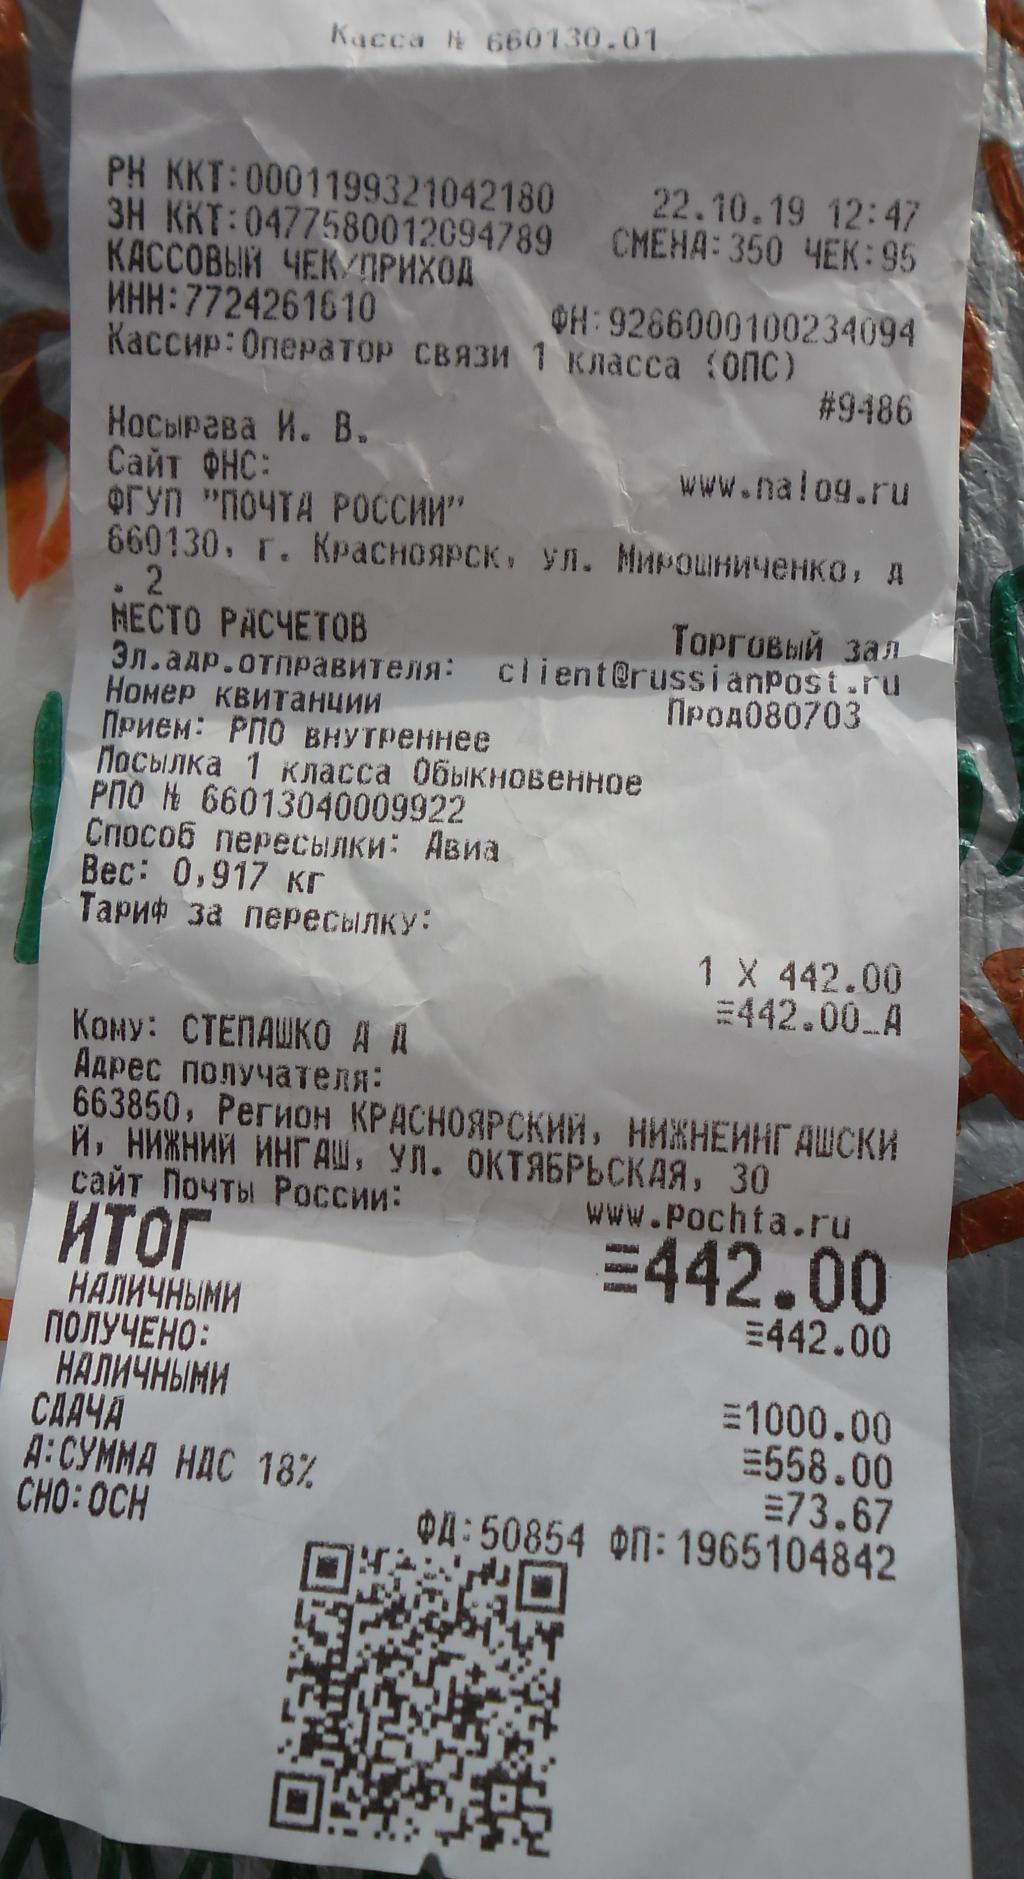 ПОЧТА РОССИИ - Откуда такие цены?